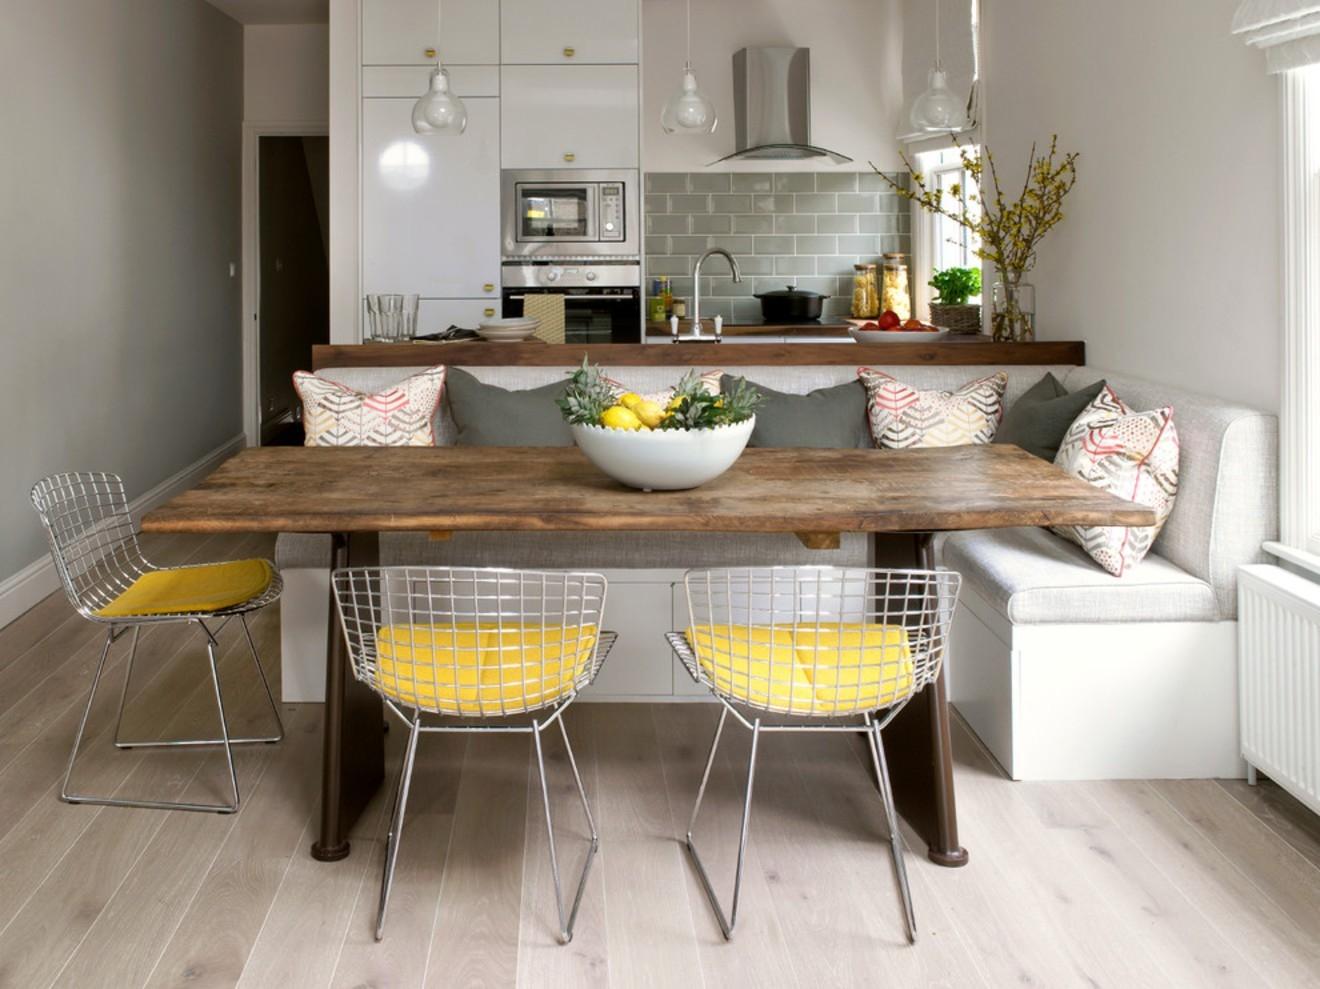 кухня 10 кв м с диваном идеи фото